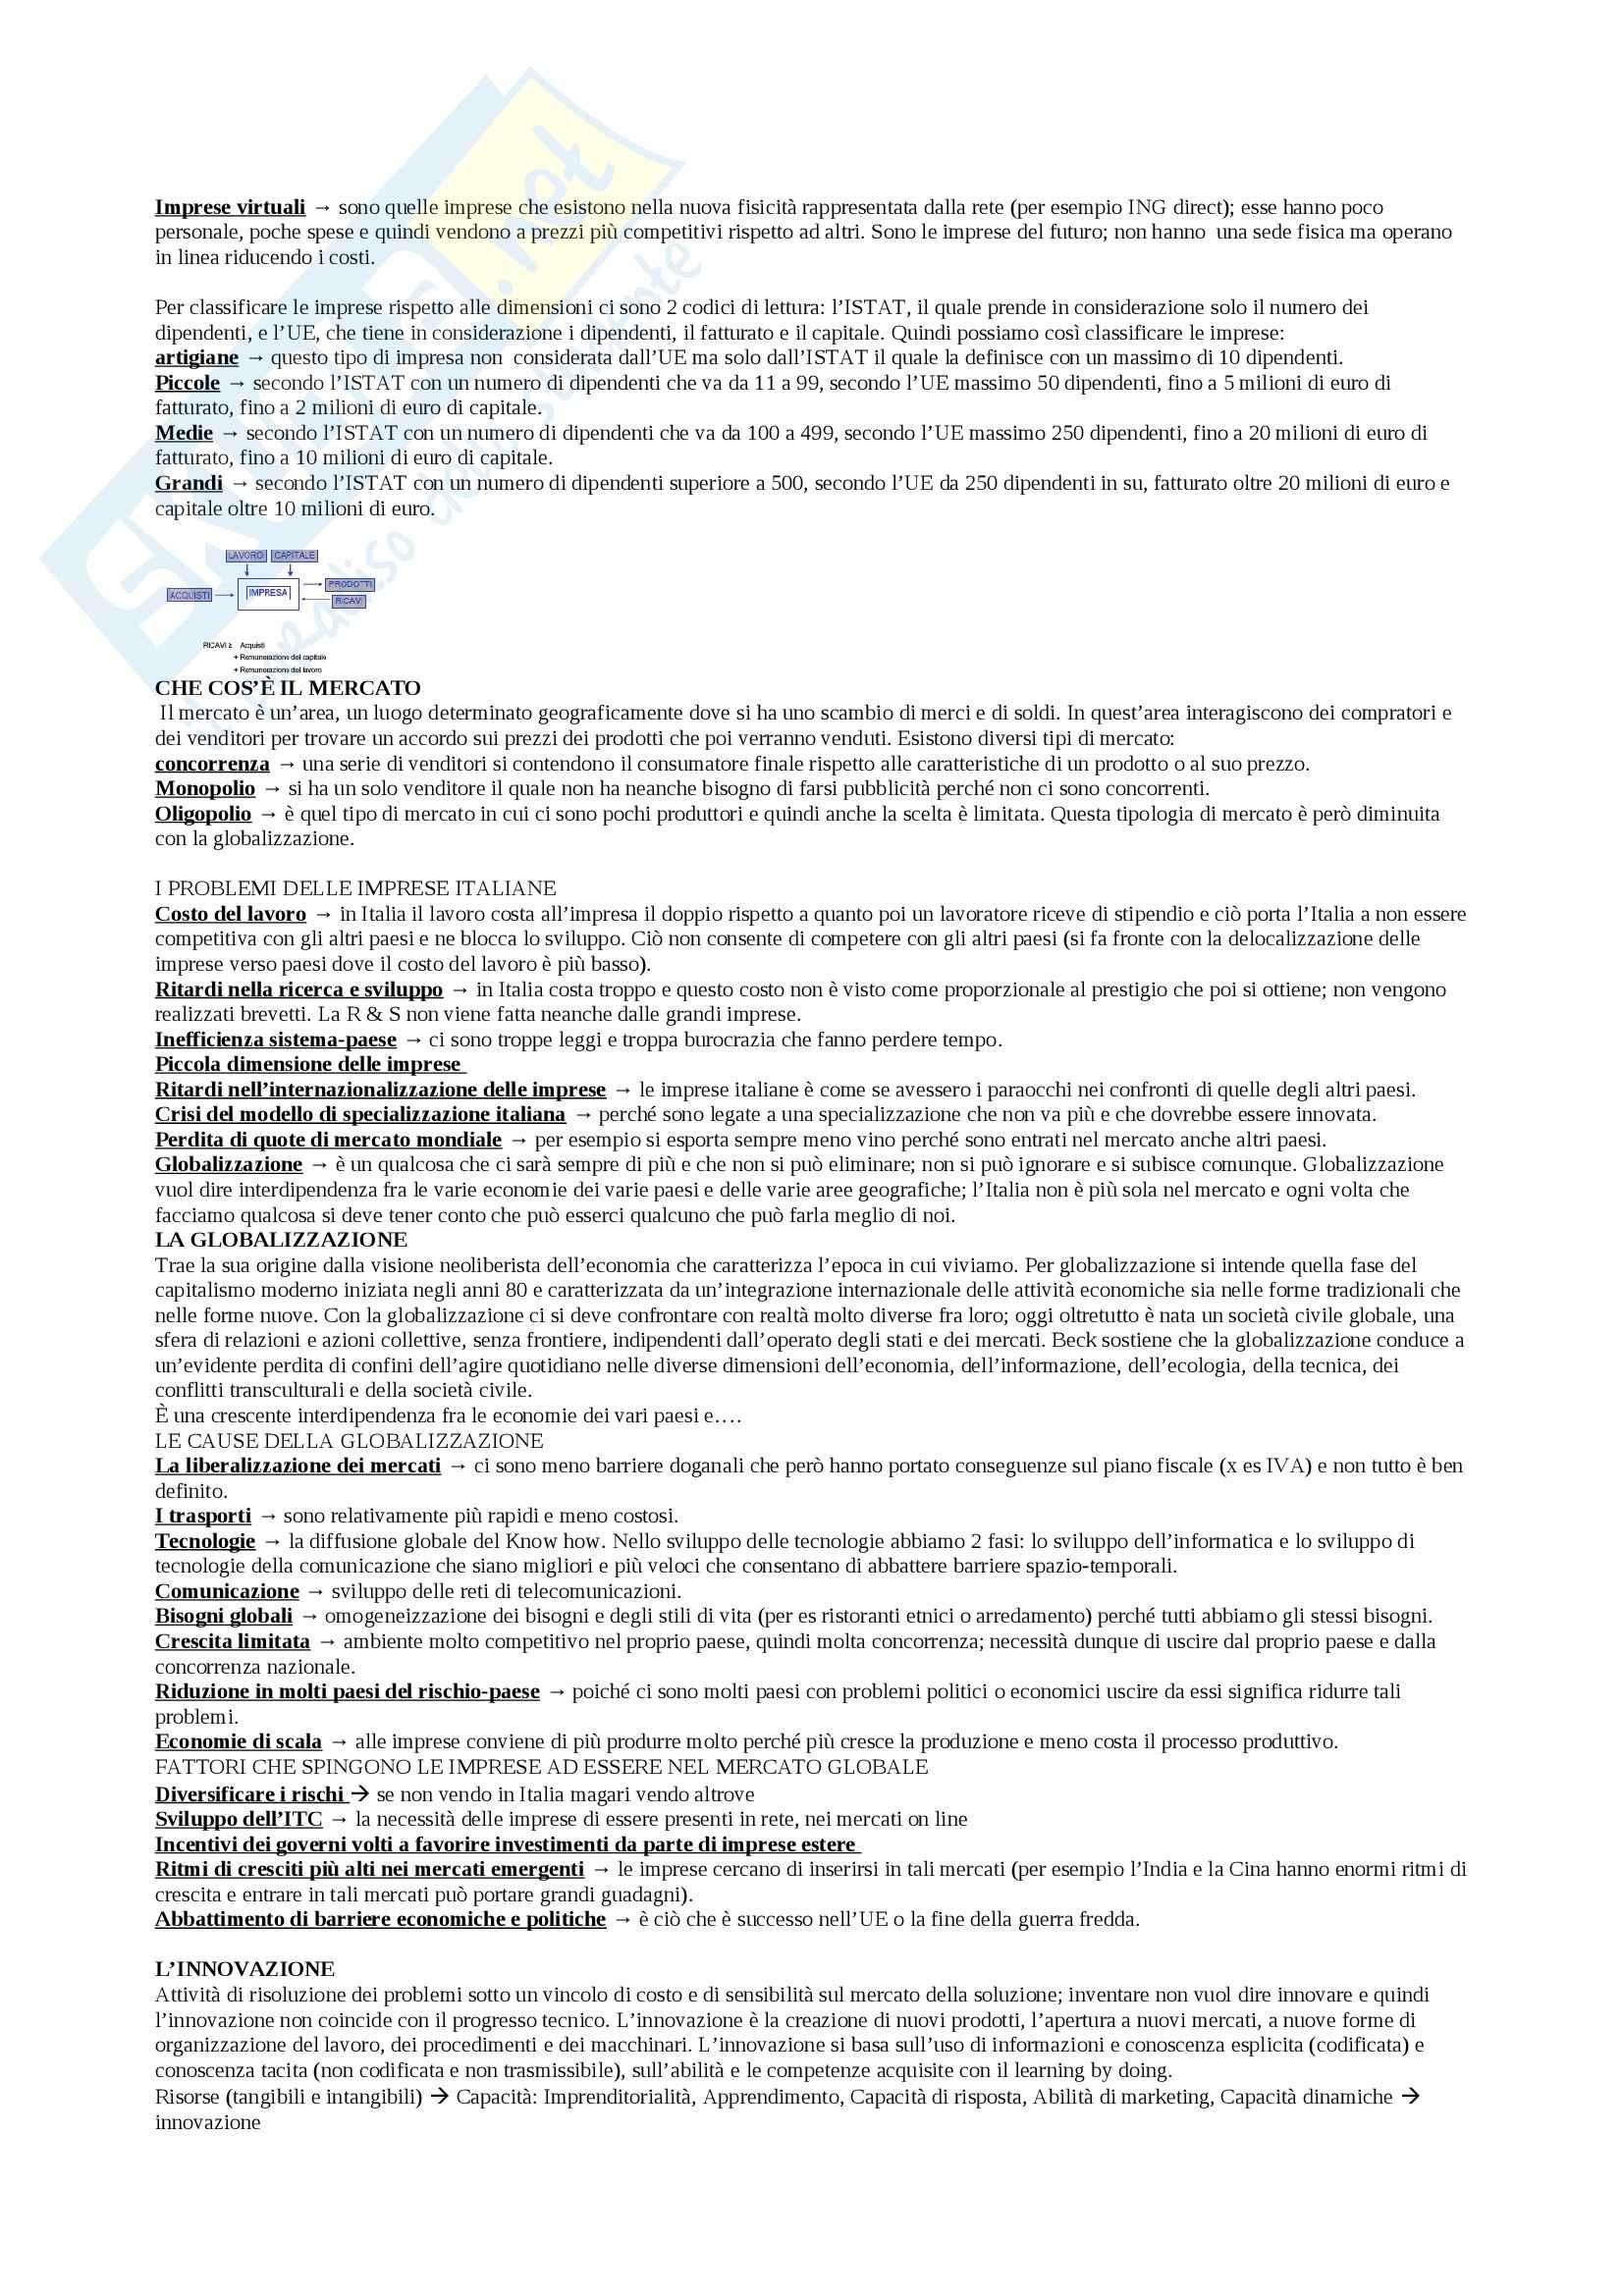 Teorie e tecniche della promozione di immagine - Appunti Pag. 2